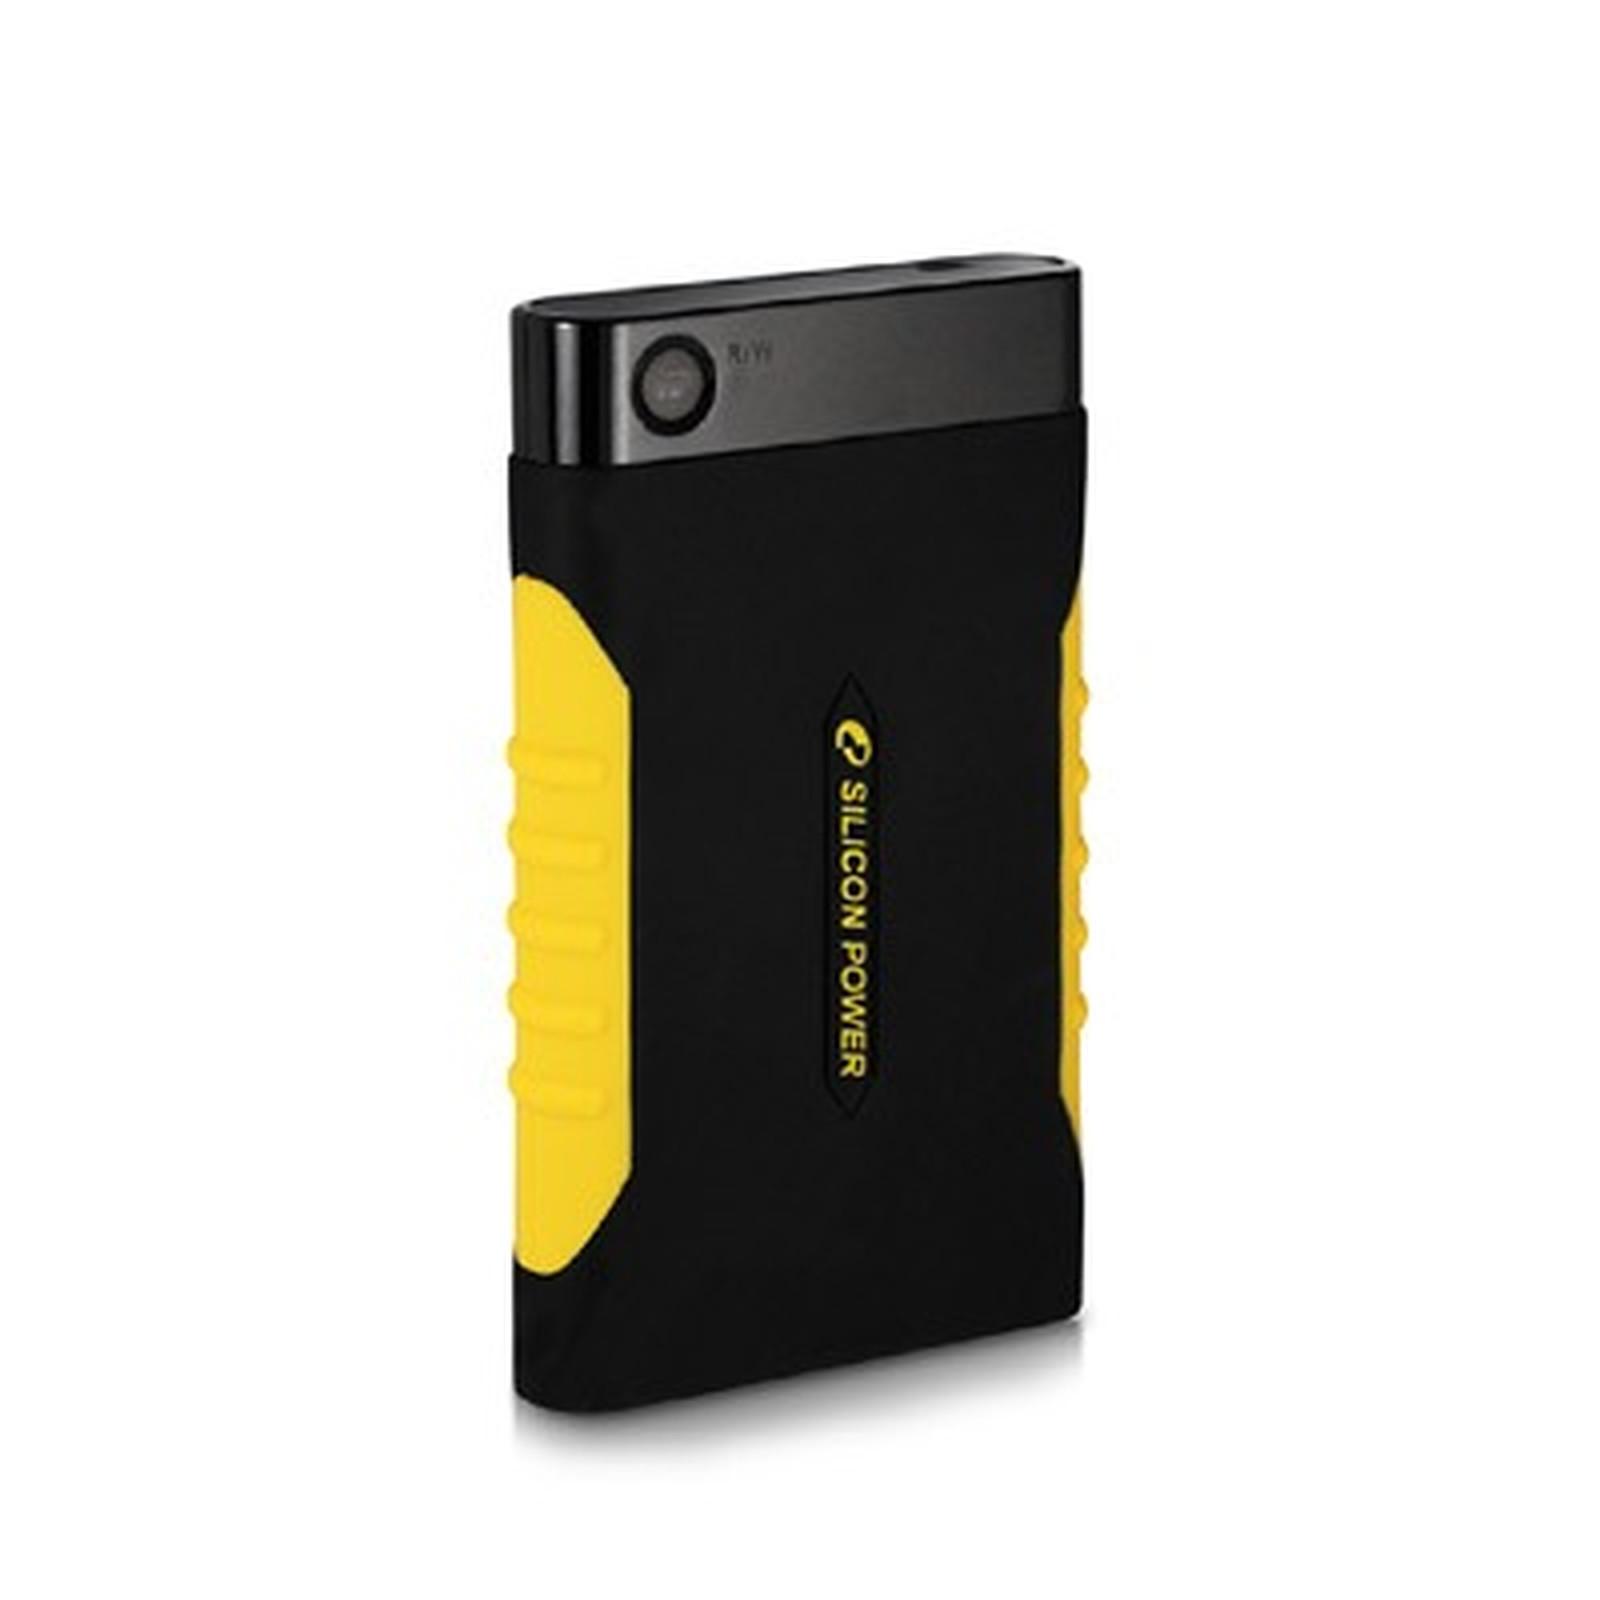 Silicon Power Armor A10 1 To Noir (USB 2.0)